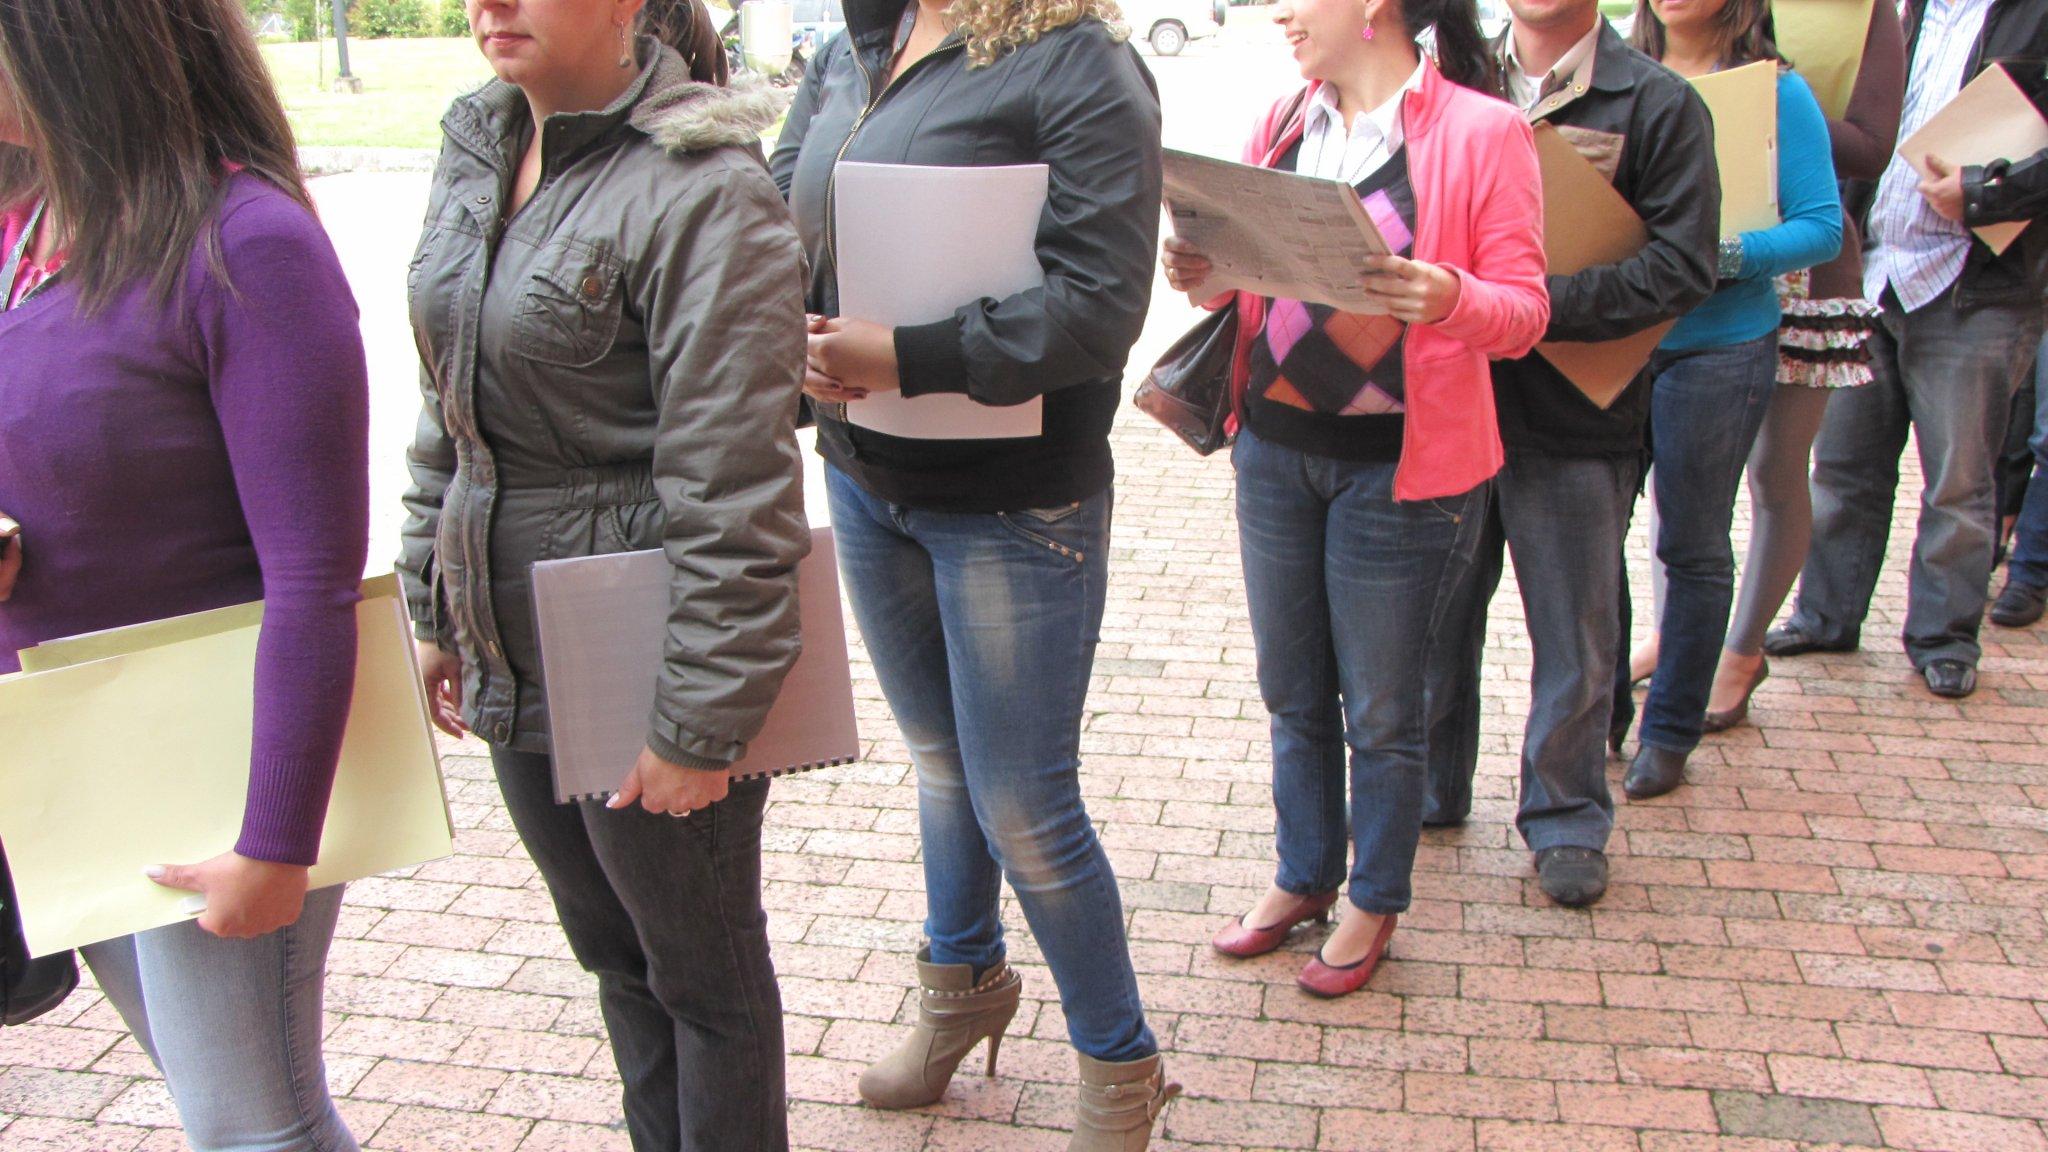 INE publicó el informe sobre la situación del desempleo en Chile en el primer trimestre de 2018.